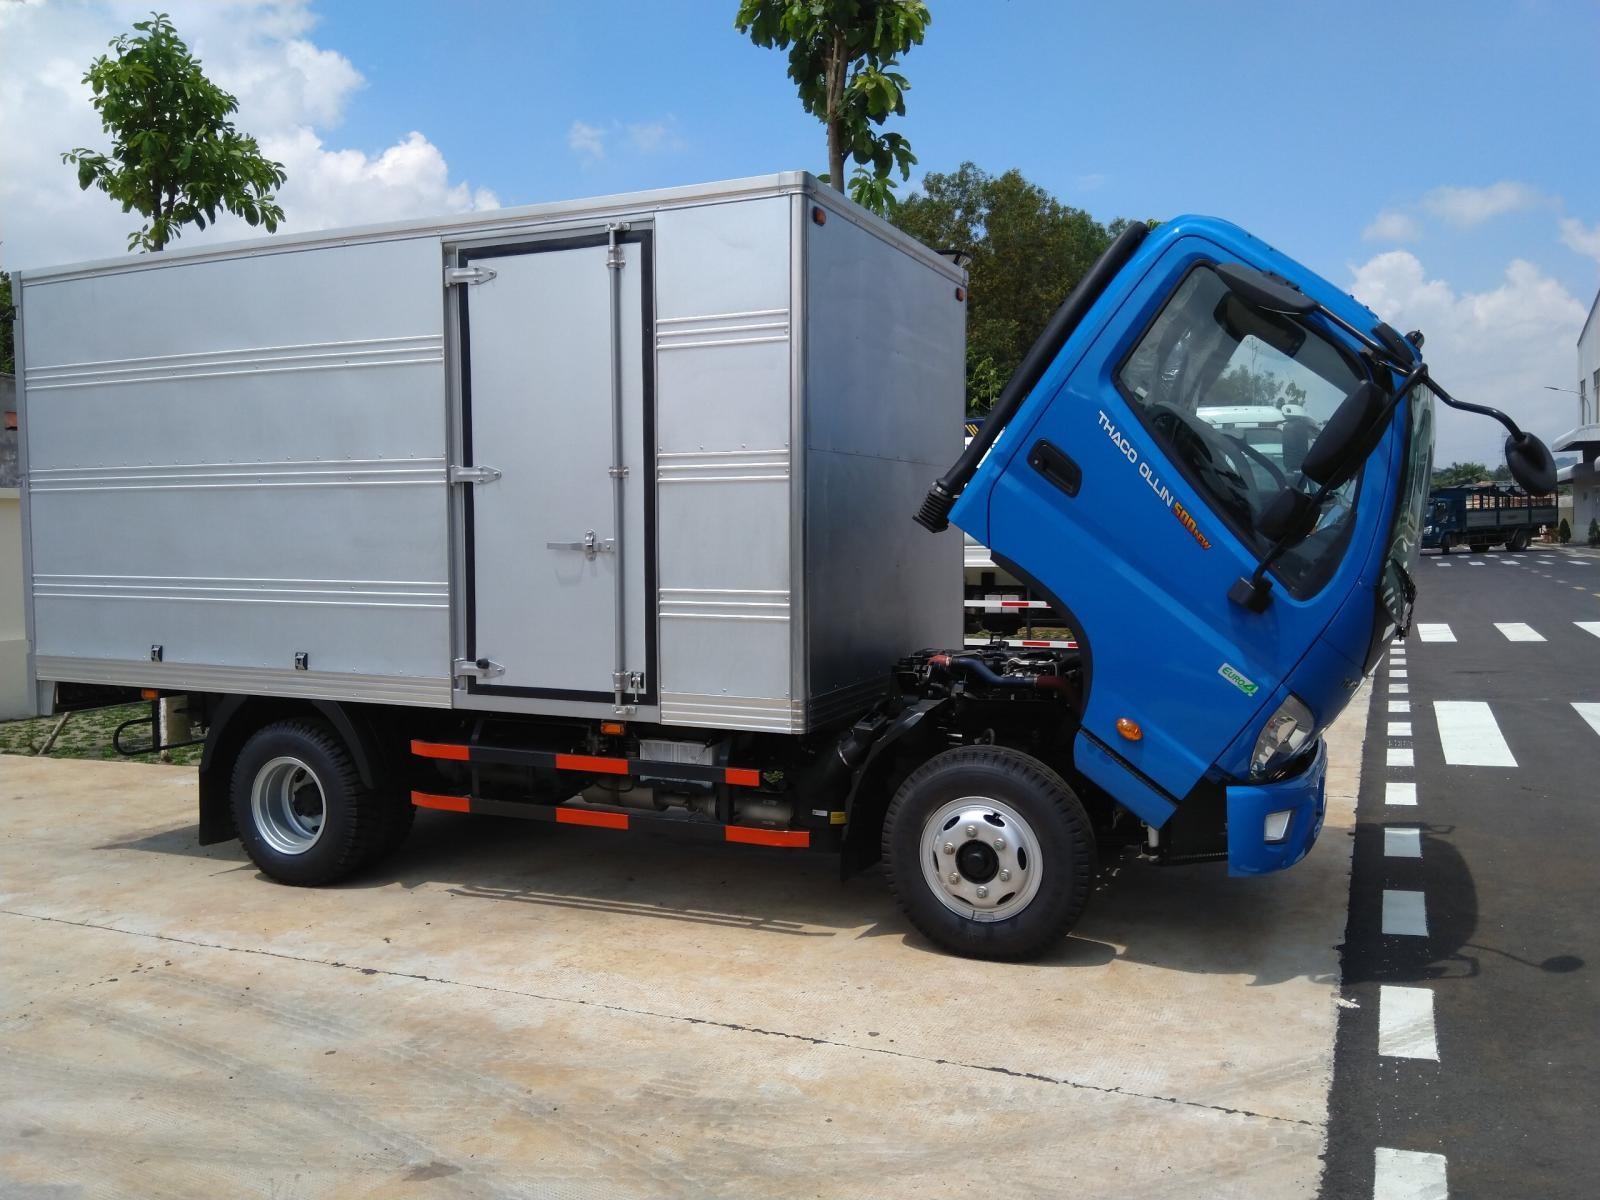 Bán xe tải Thaco 5 tấn tại Hải Phòng, xe tải Thaco Ollin500 giá tốt